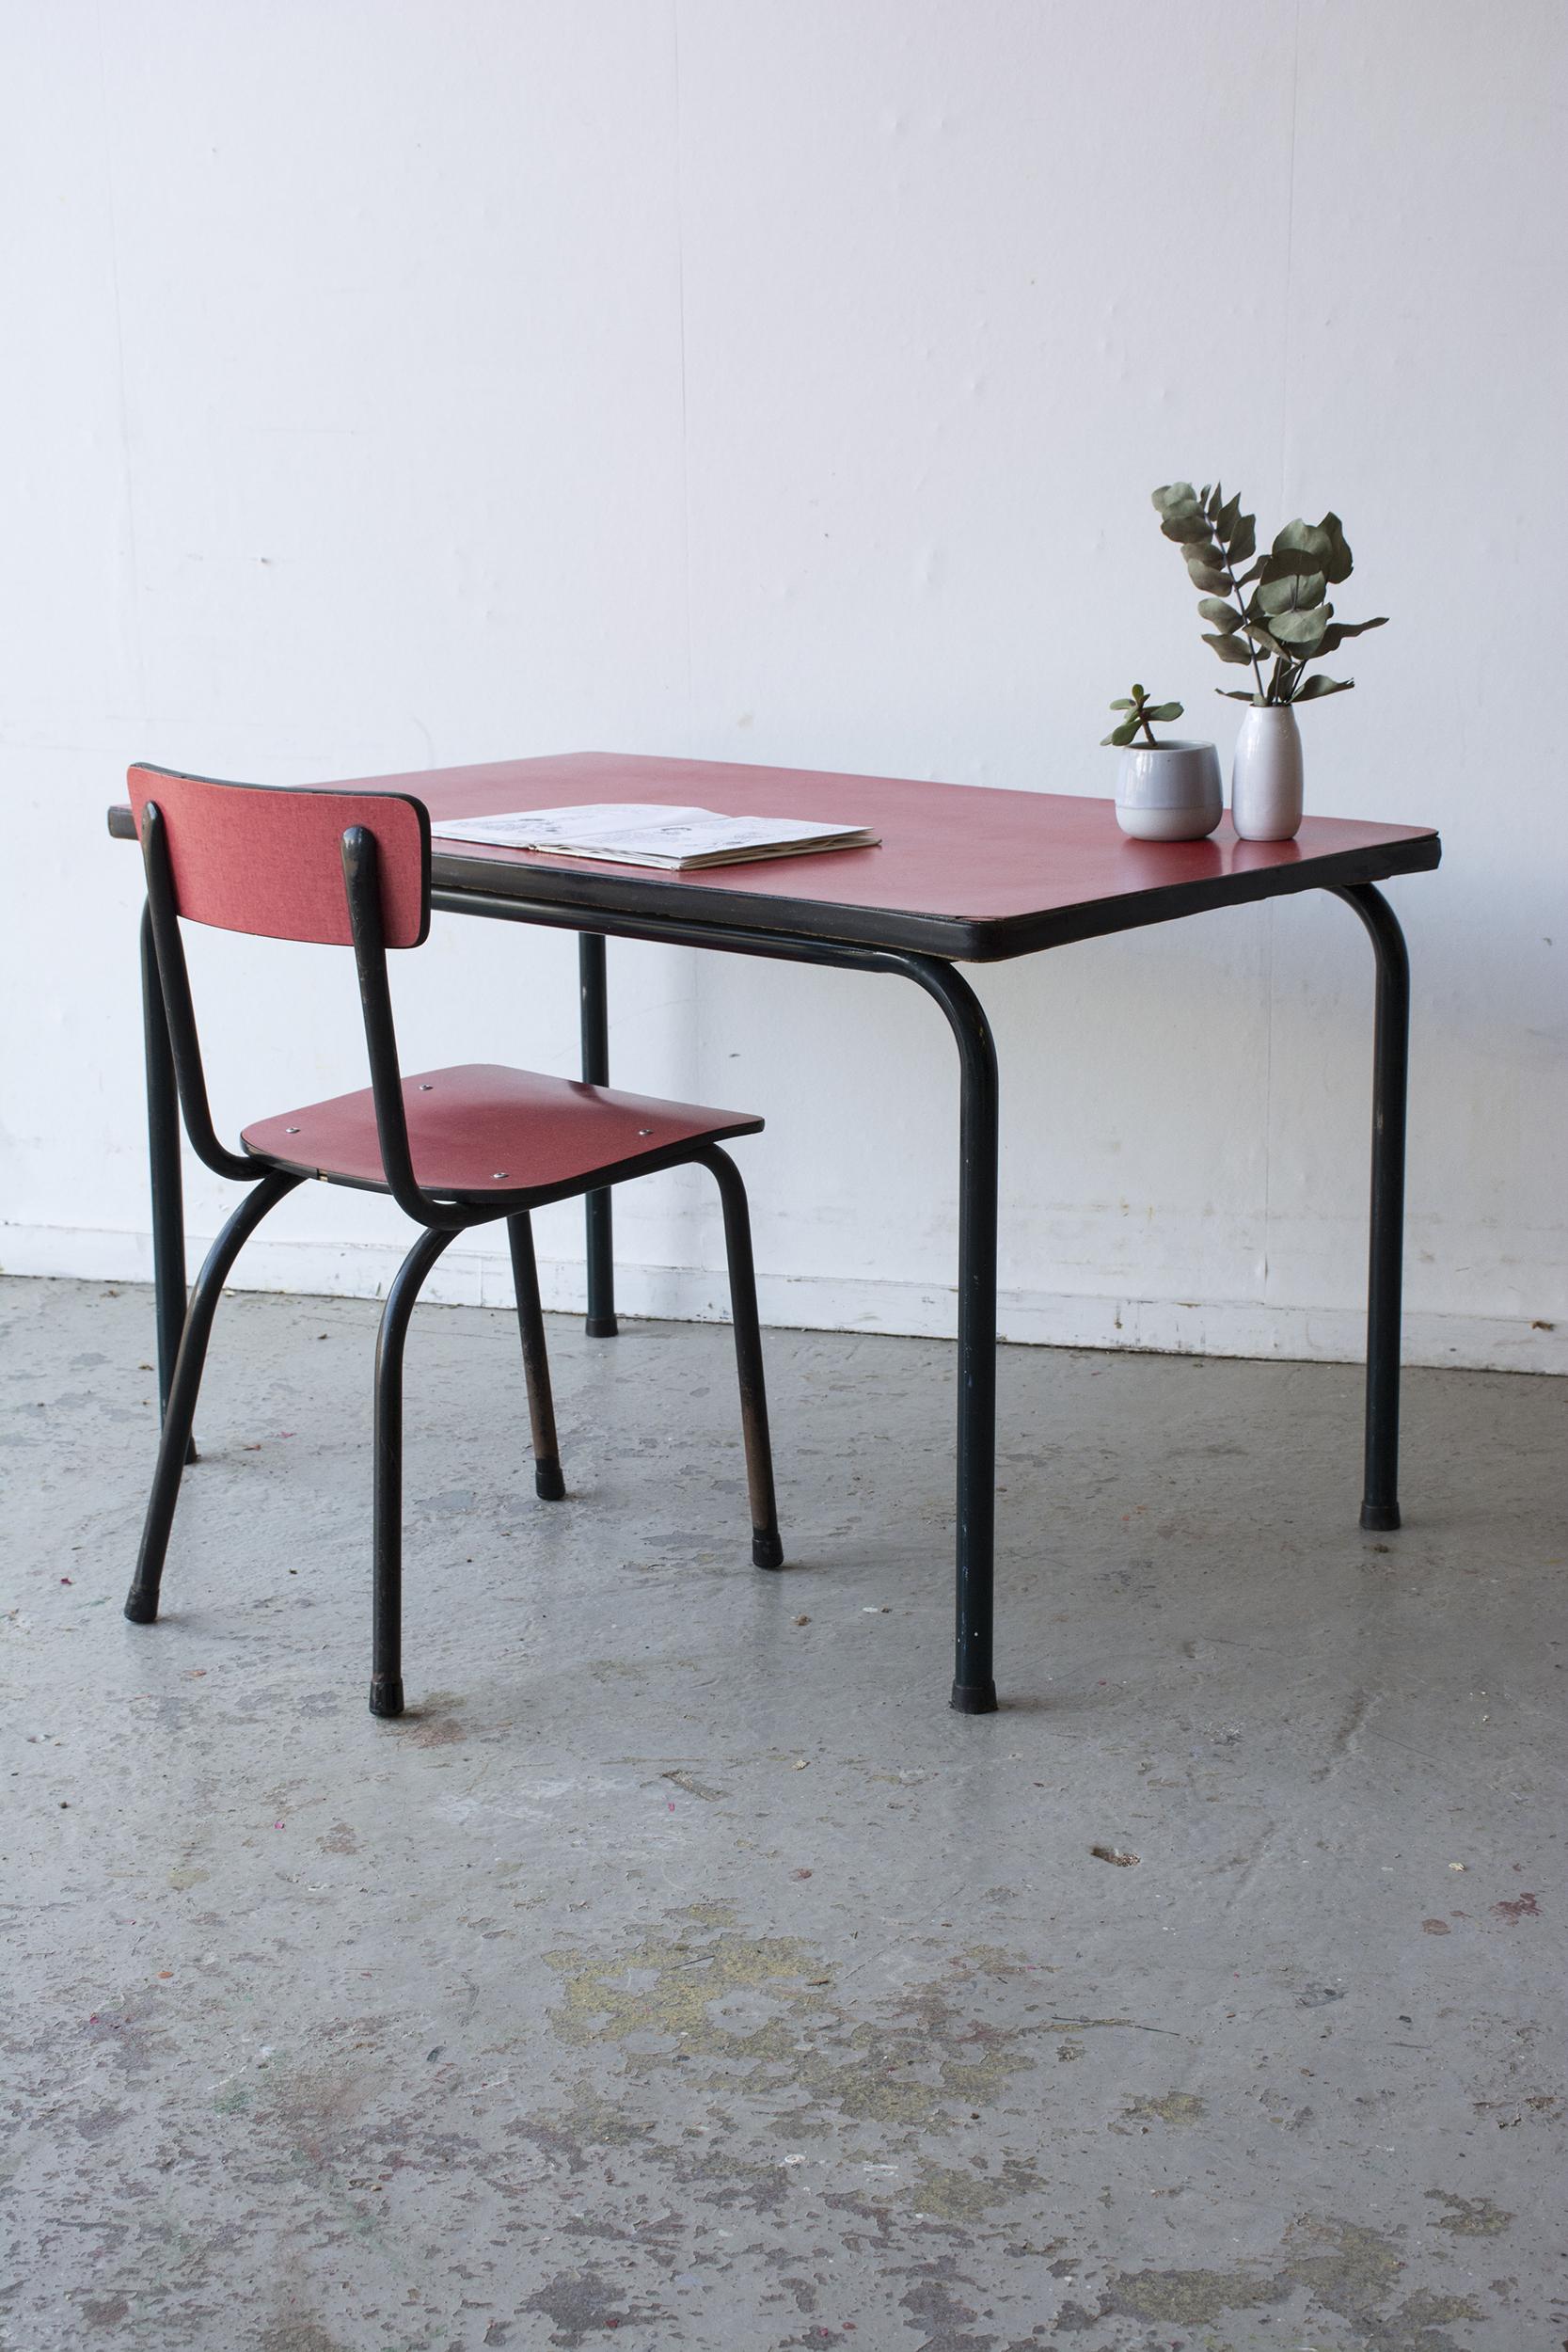 rood formica tafeltje met stoeltje - Firma zoethout_2.jpg